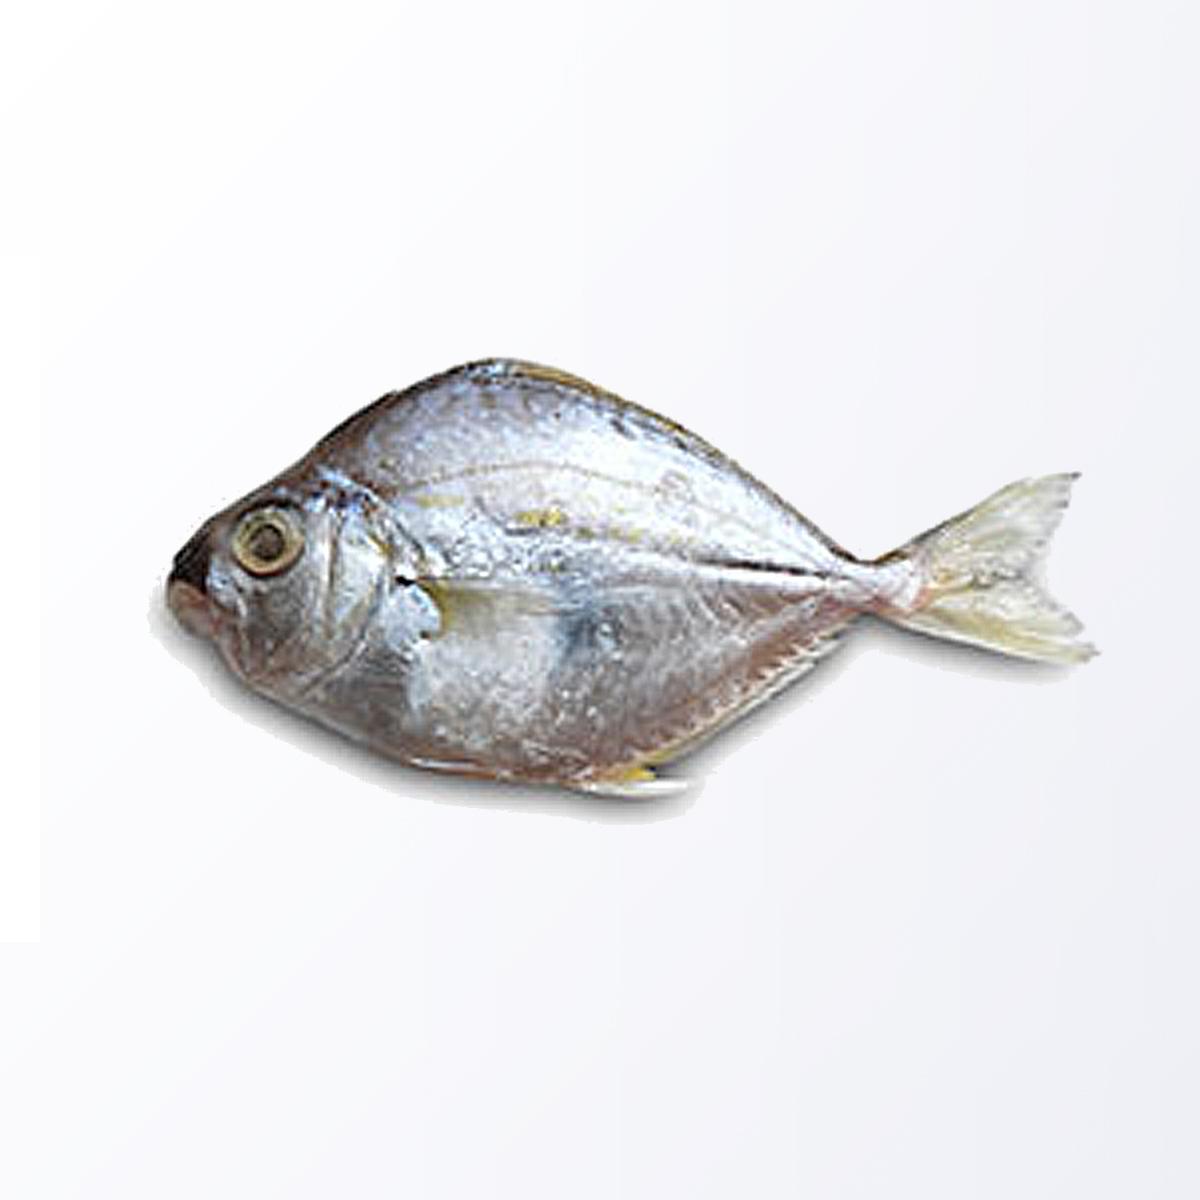 PON111-Ponyfish.jpg